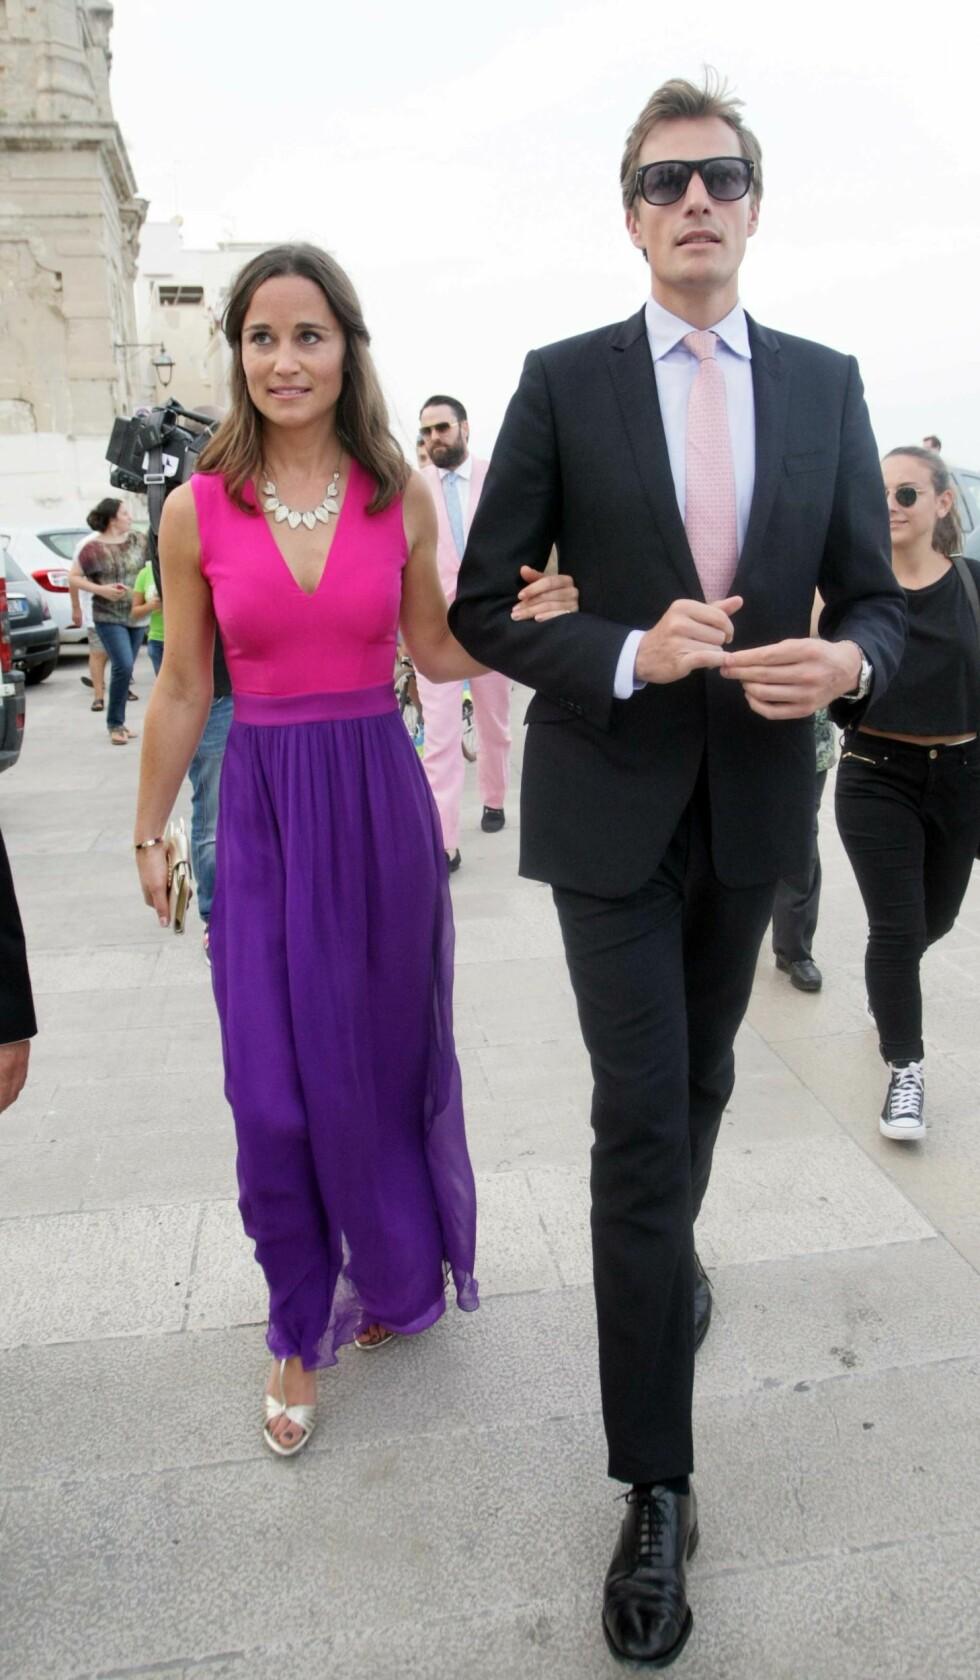 LYKKEN BRAST: Etter å ha vært sammen i tre år, gjorde Pippa Middleton og Nico Jackson det slutt. Her er de i Italia i fjor. Foto: Splash News